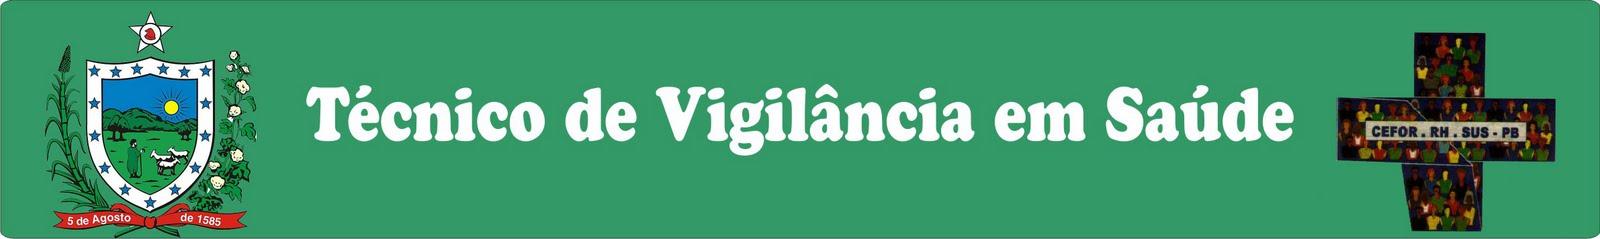 Técnico de Vigilância em Saúde